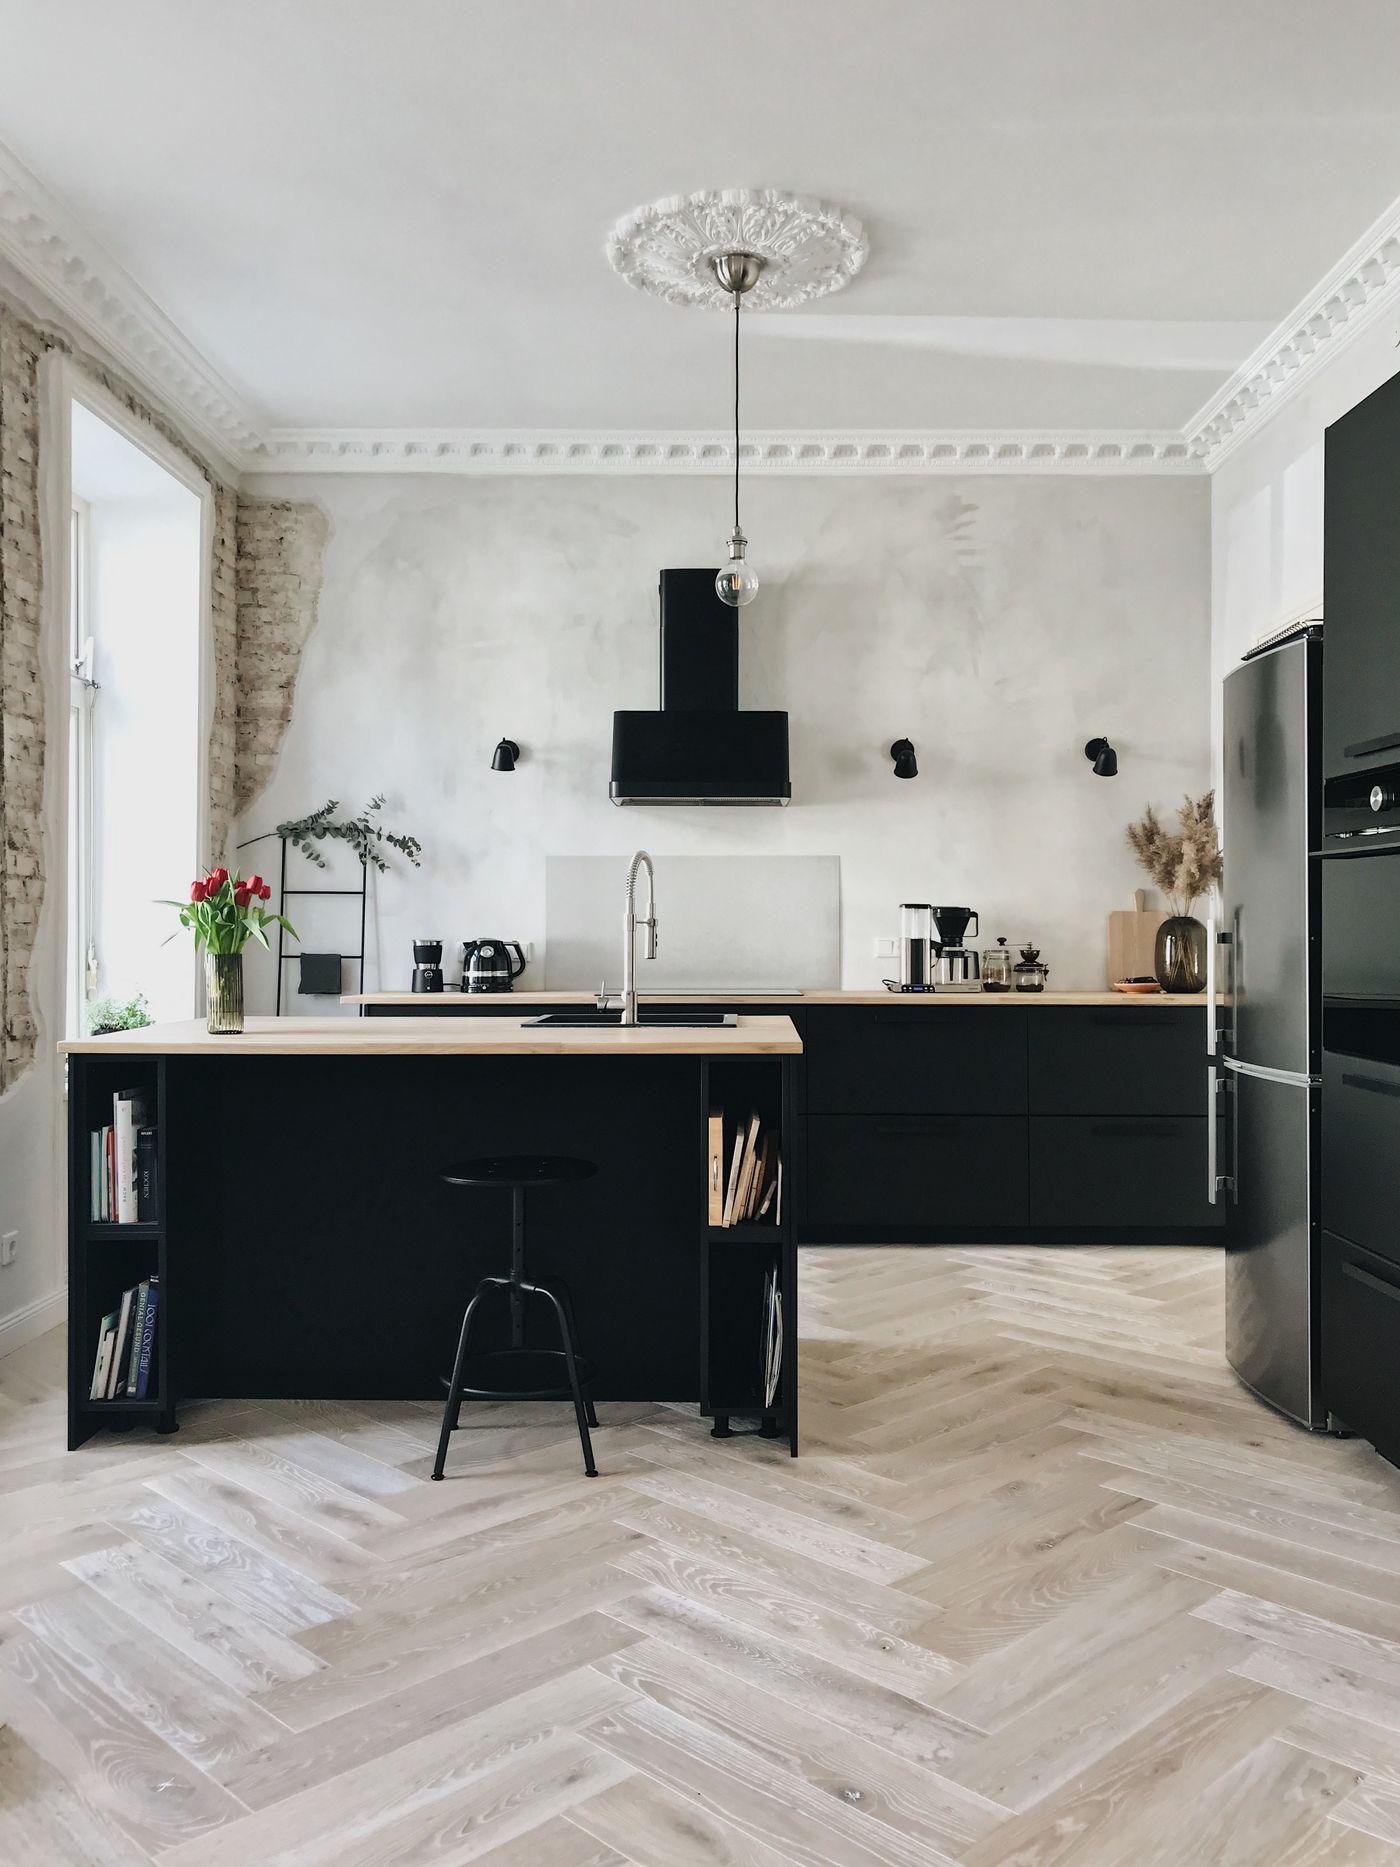 ikea kücheninsel edelstahl / dieser artikel:ikea schüssel